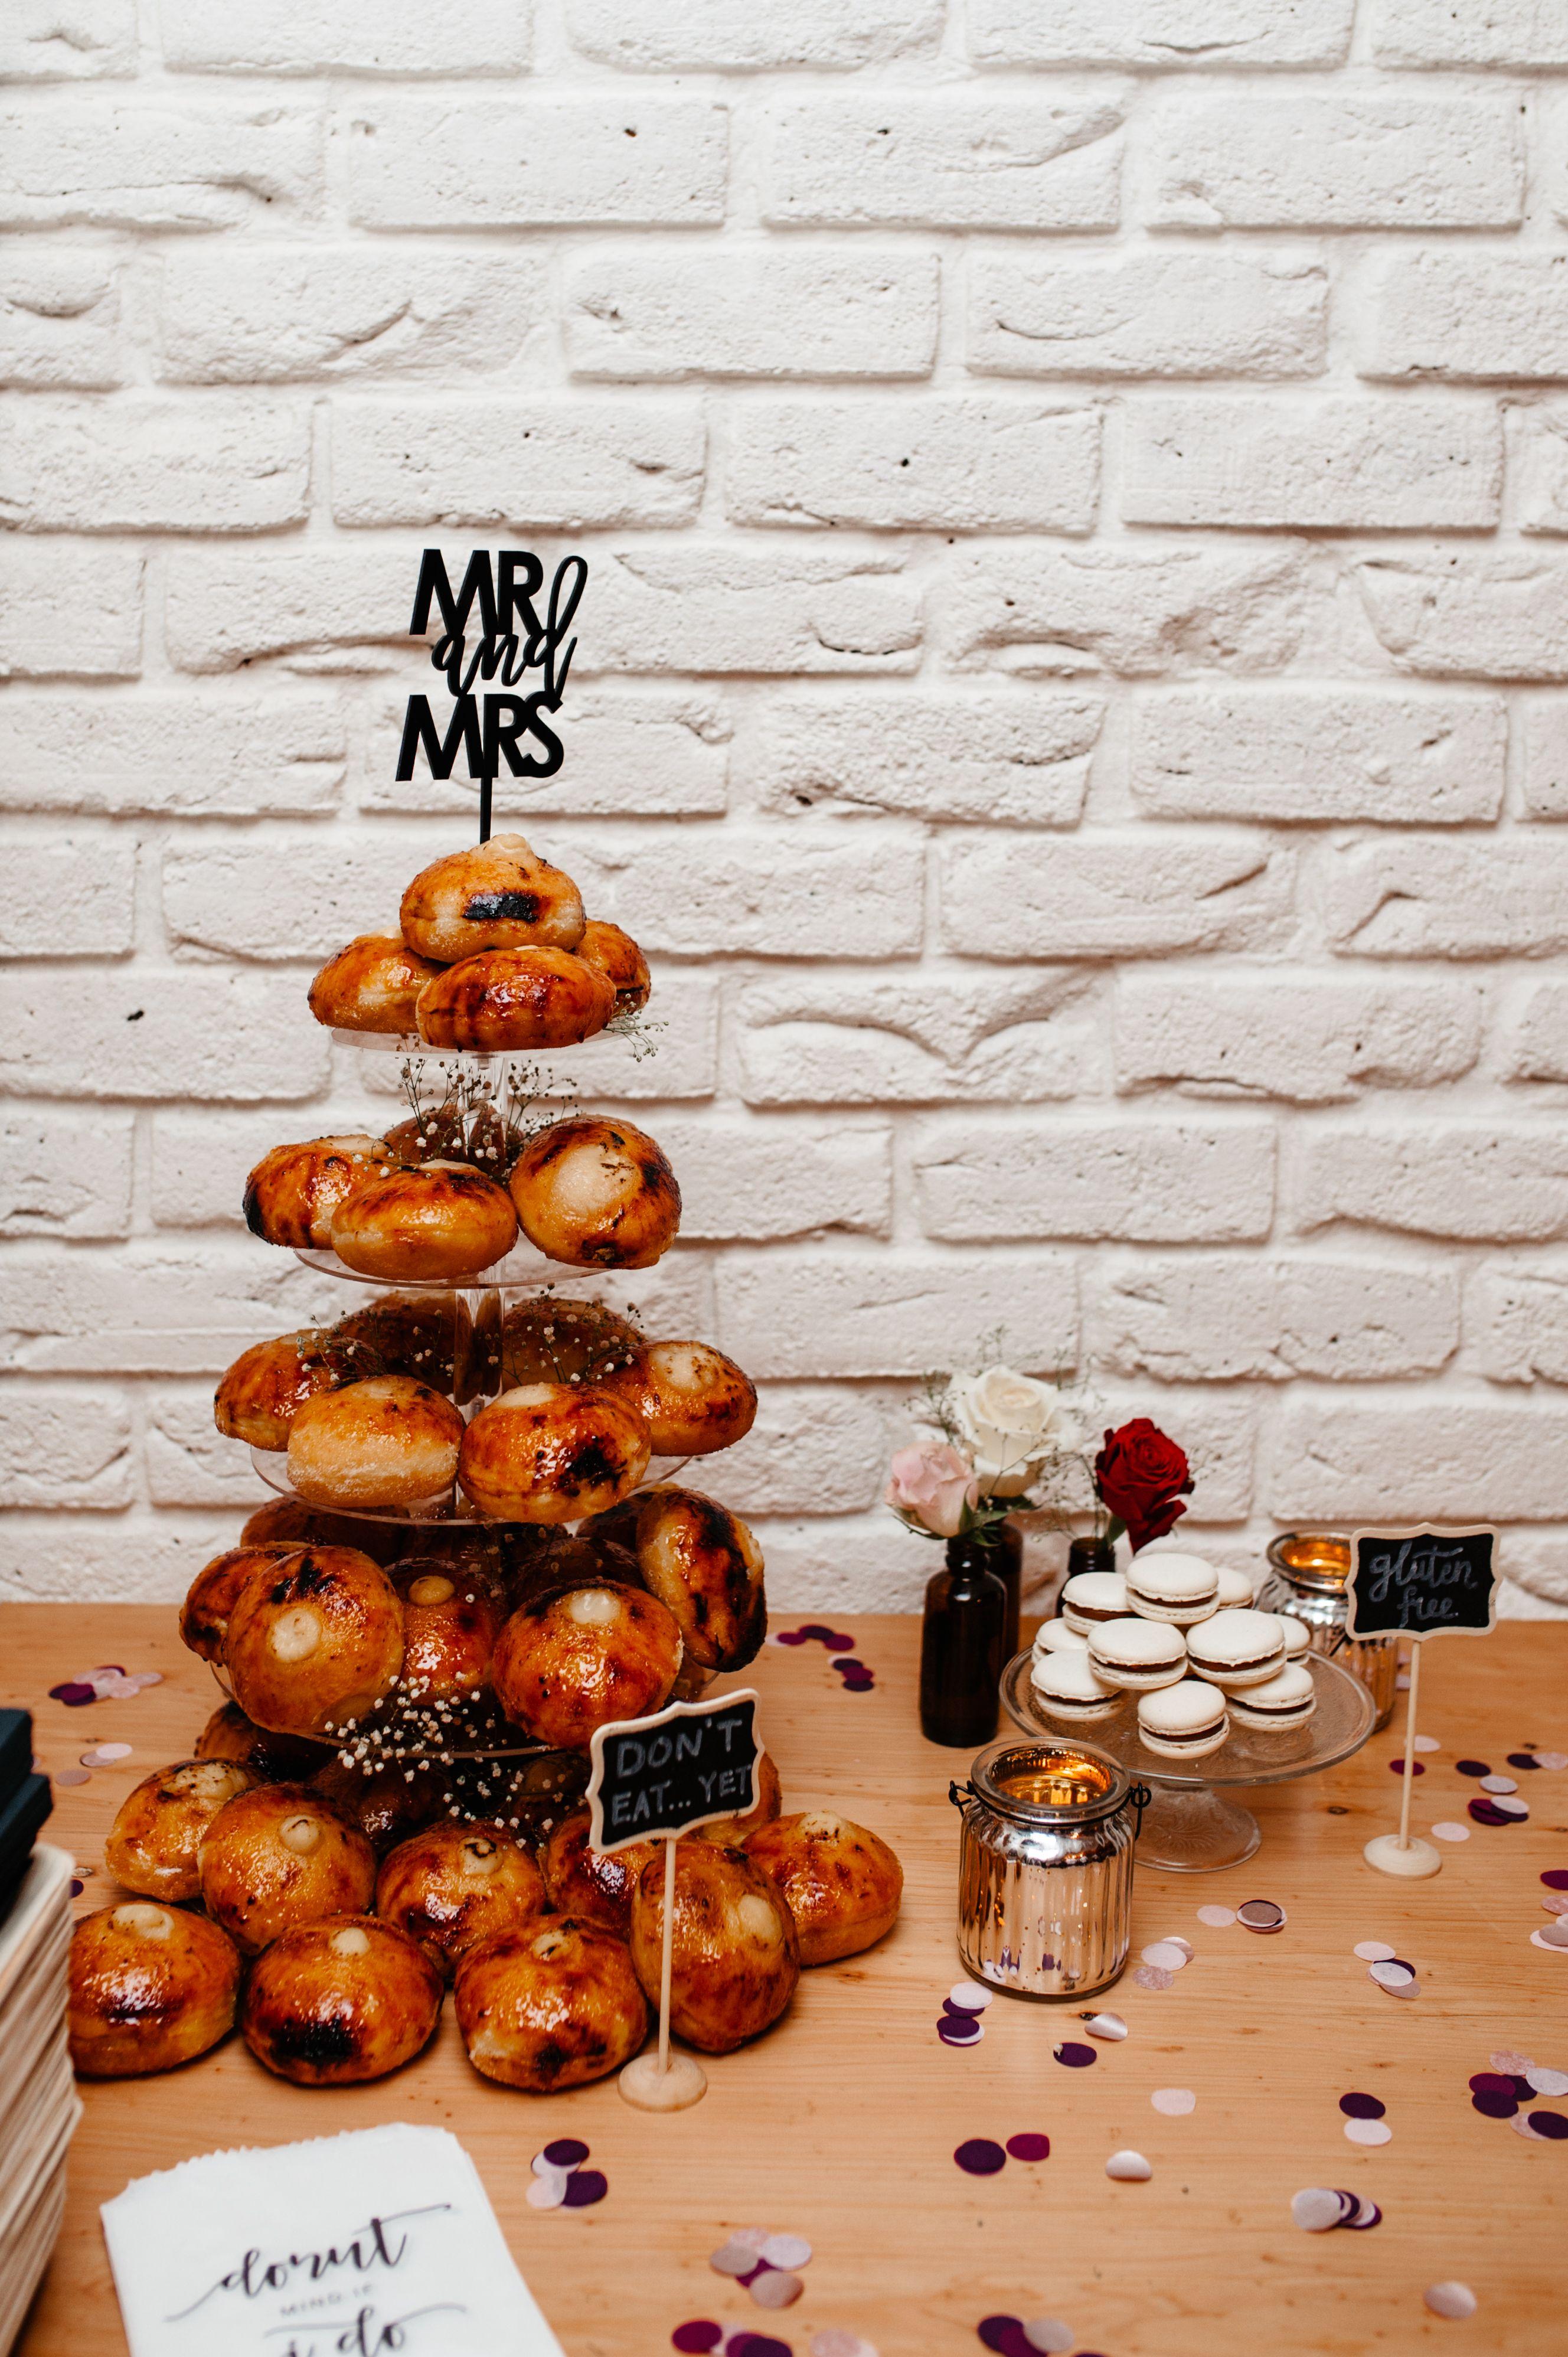 Best wedding cake alternative donut tower from bistro